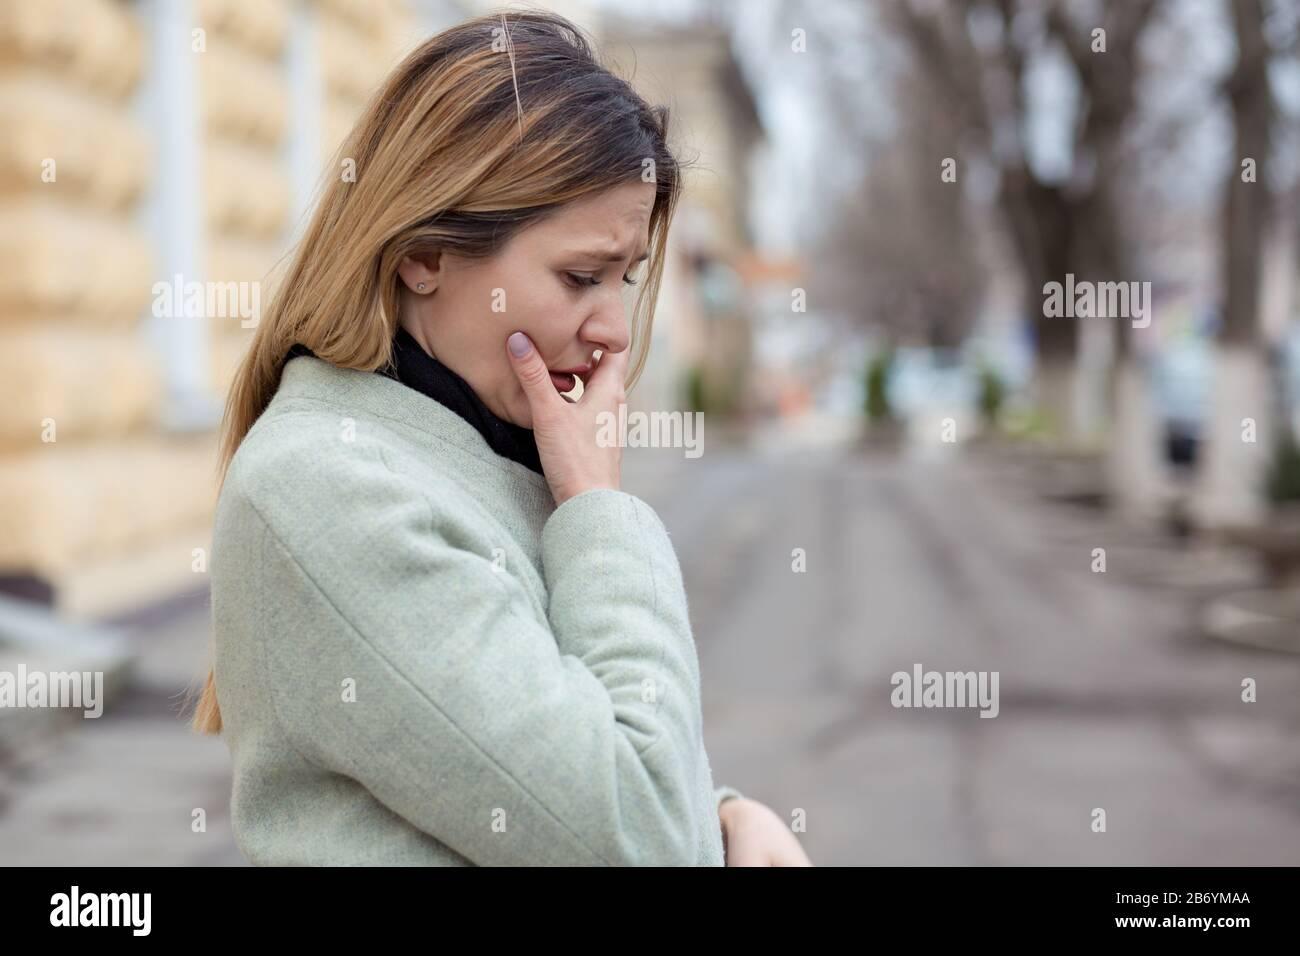 Deprimida mujer triste de perfil casi llorando en una calle de la ciudad en Europa, mirando hacia abajo, llorando debido a su traición novio Foto de stock